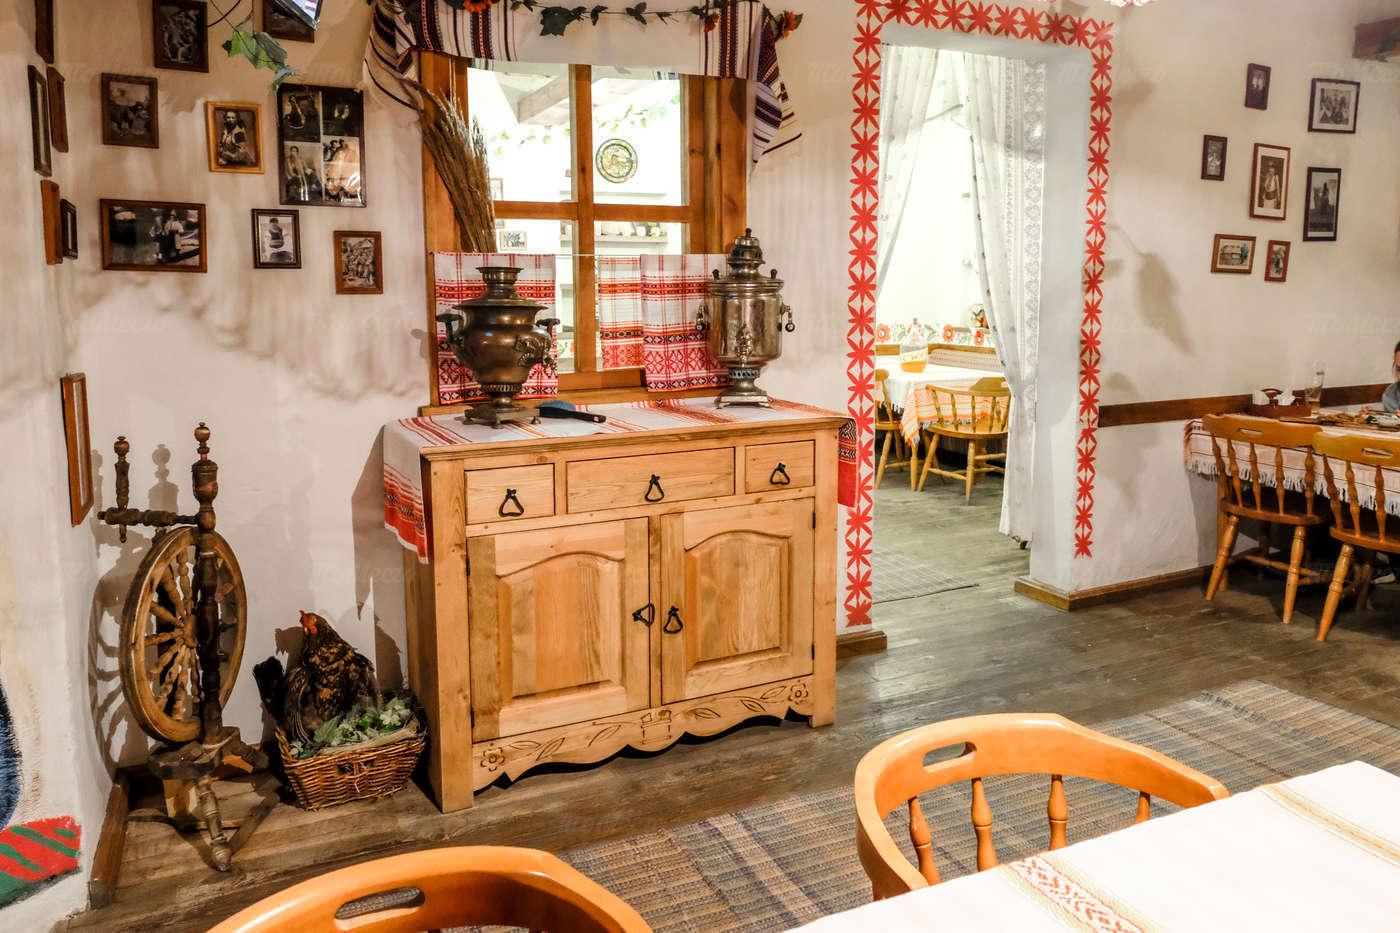 Ресторан Веселая кума на улице Костиной